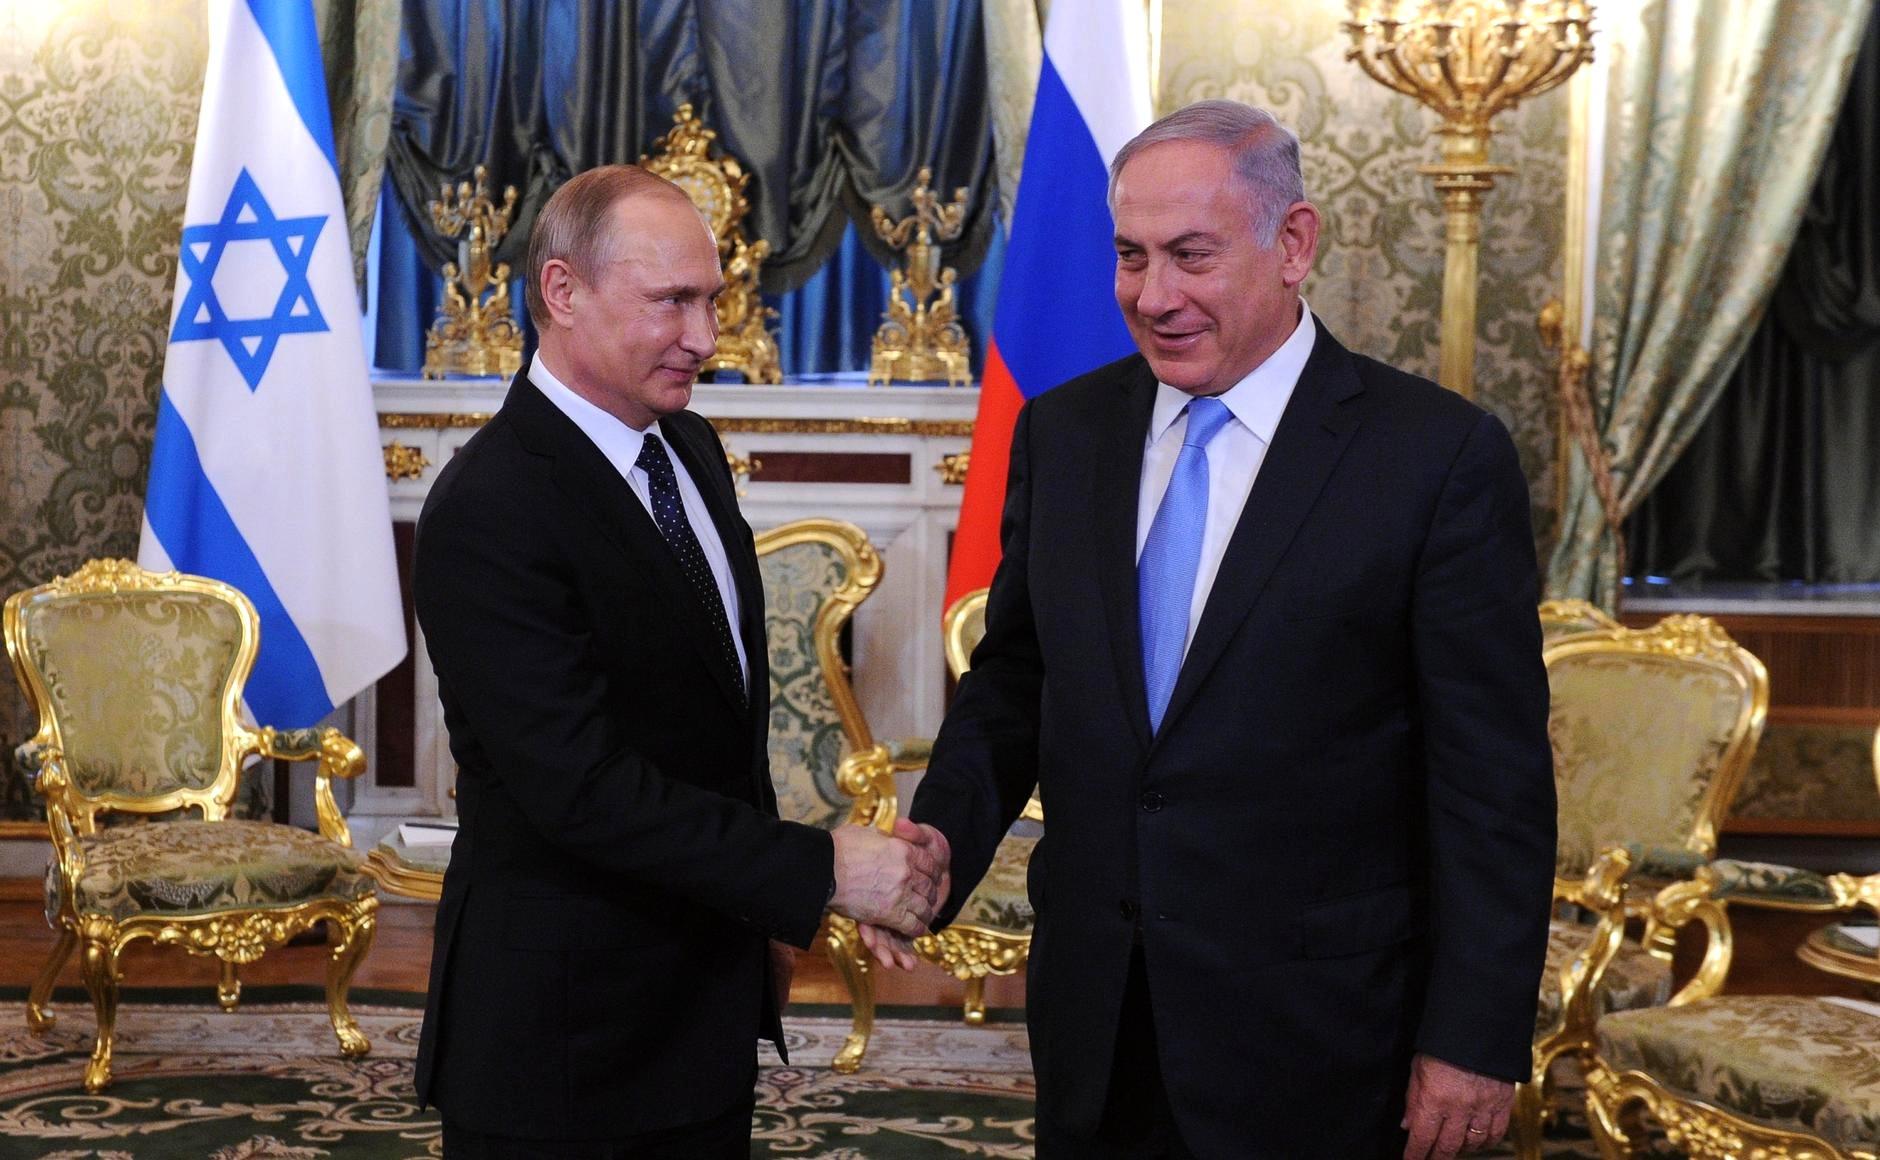 Russian President Vladimir Putin (L) and Israeli Prime Minister Benjamin Netanyahu (R).